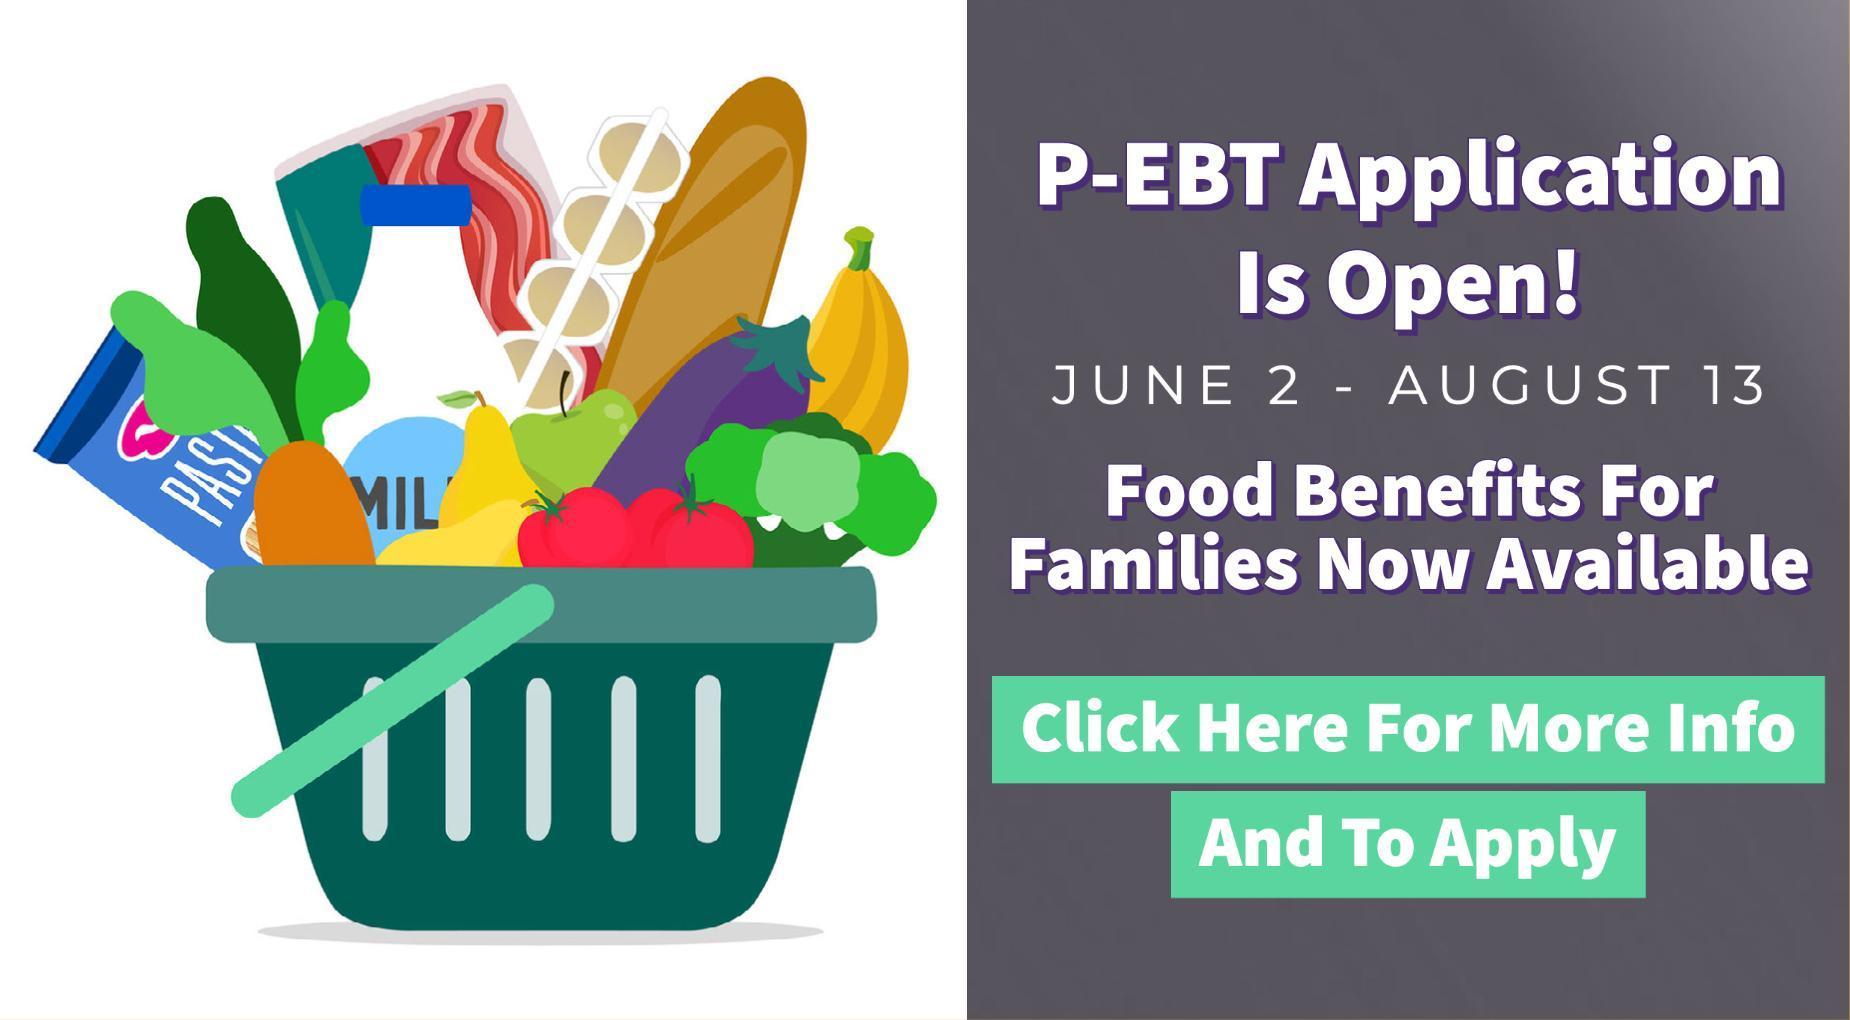 P-EBT Application Open